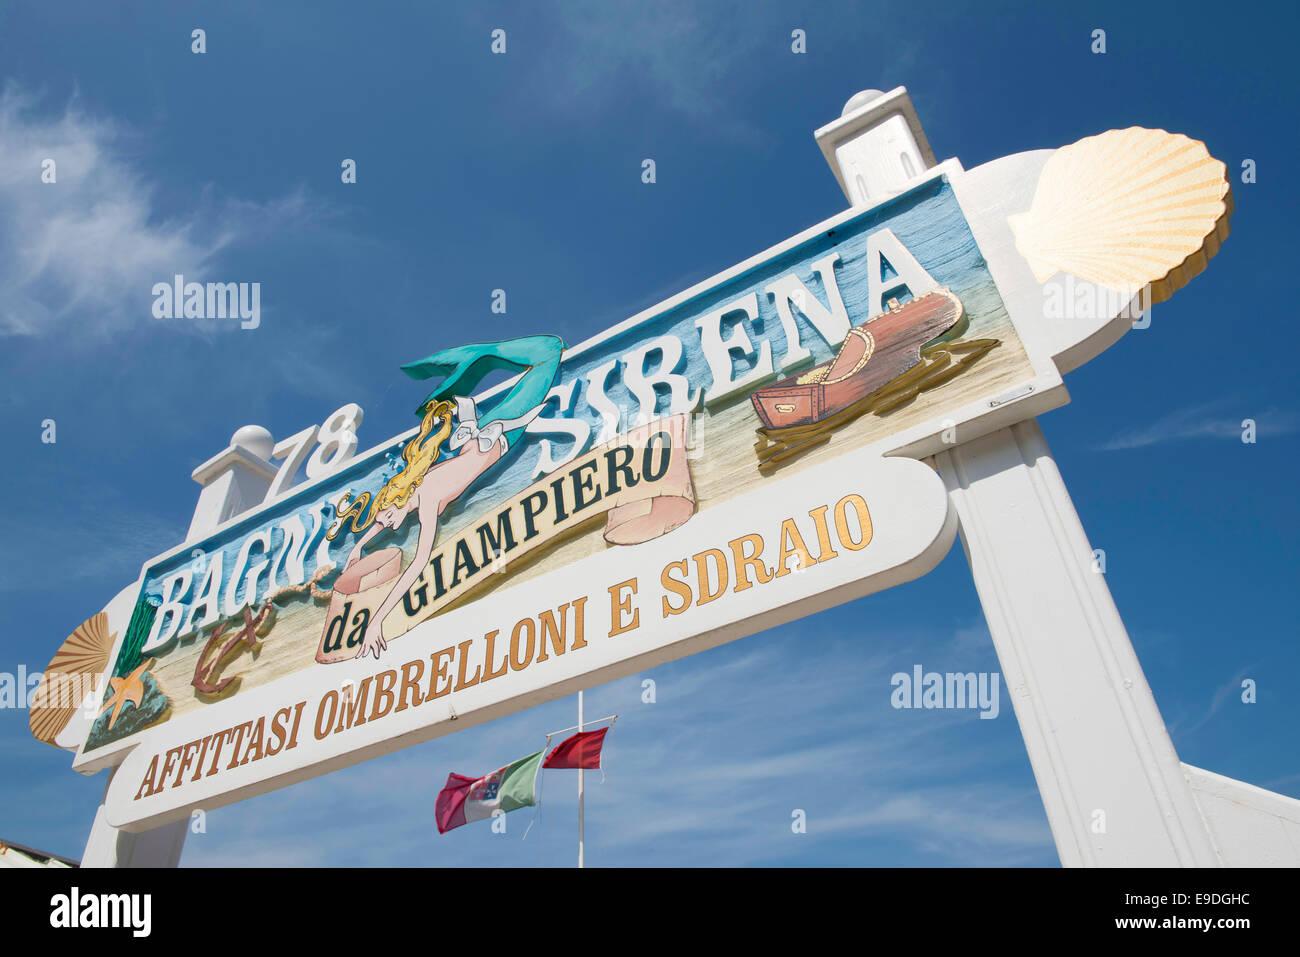 Bagni sirena da giampiero località balneare area balneare